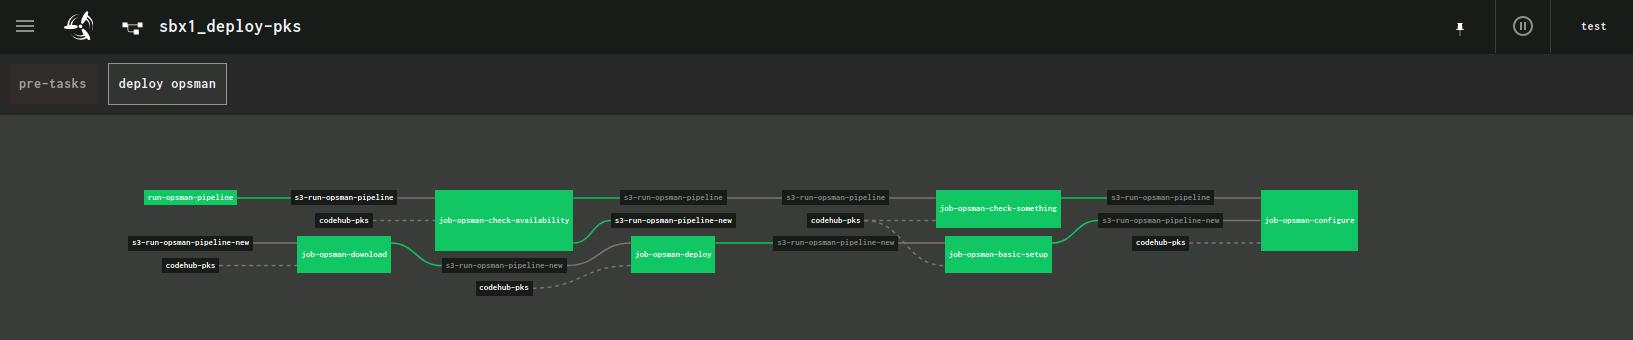 CI/CD, Vereinfachung von DevOps Prozessen mittels CI/CD